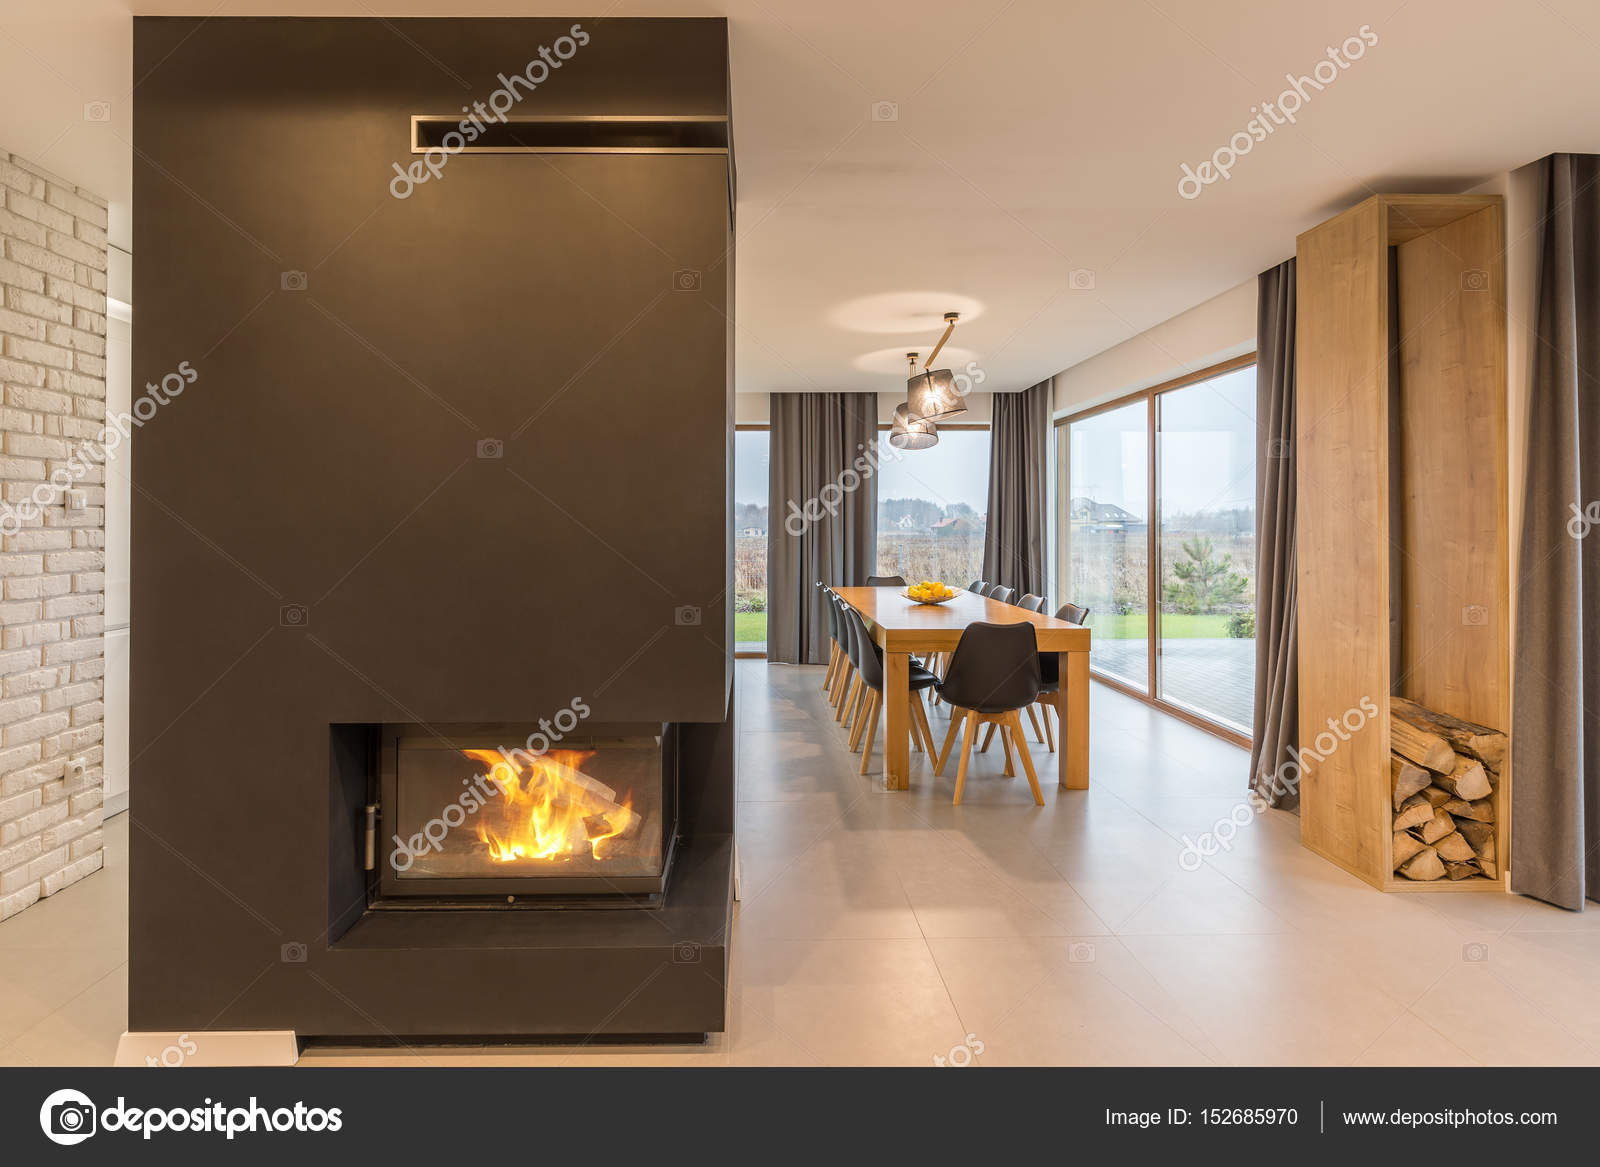 Tafel Met Haard : Open haard en een tafel in huis u2014 stockfoto © photographee.eu #152685970